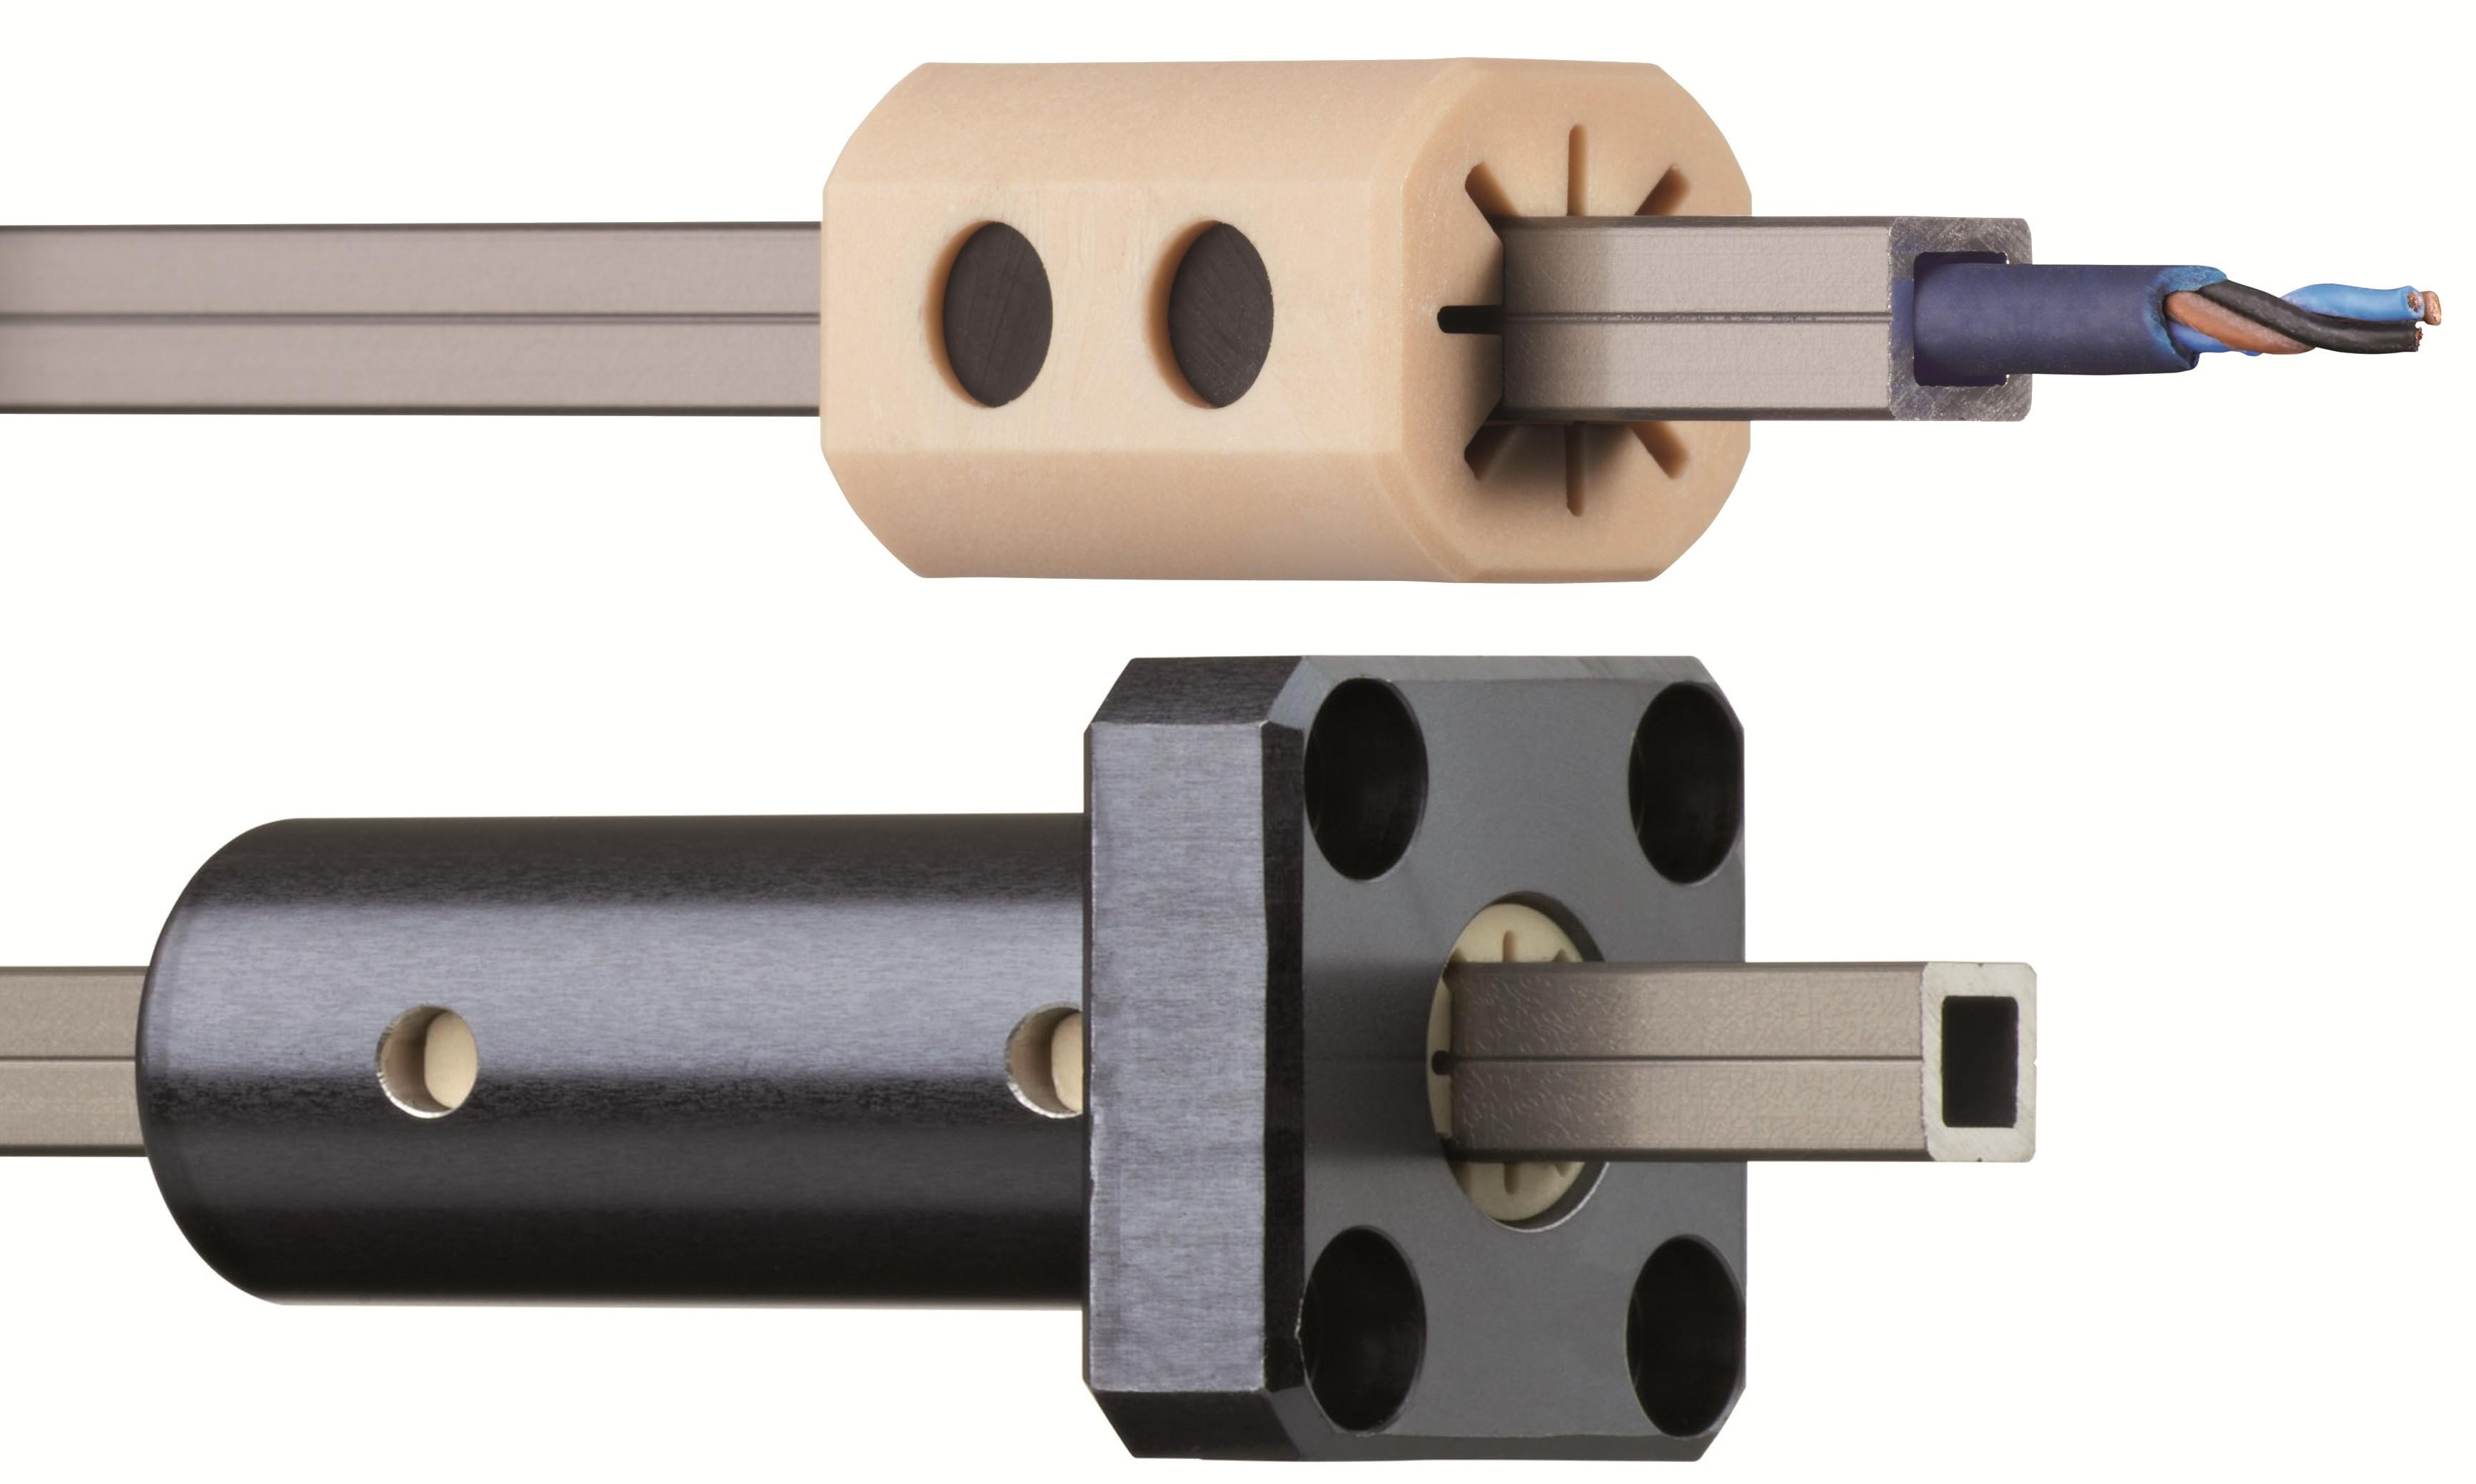 Az új elcsavarodás-biztos és kompakt drylin Q lineáris megvezetési rendszer.